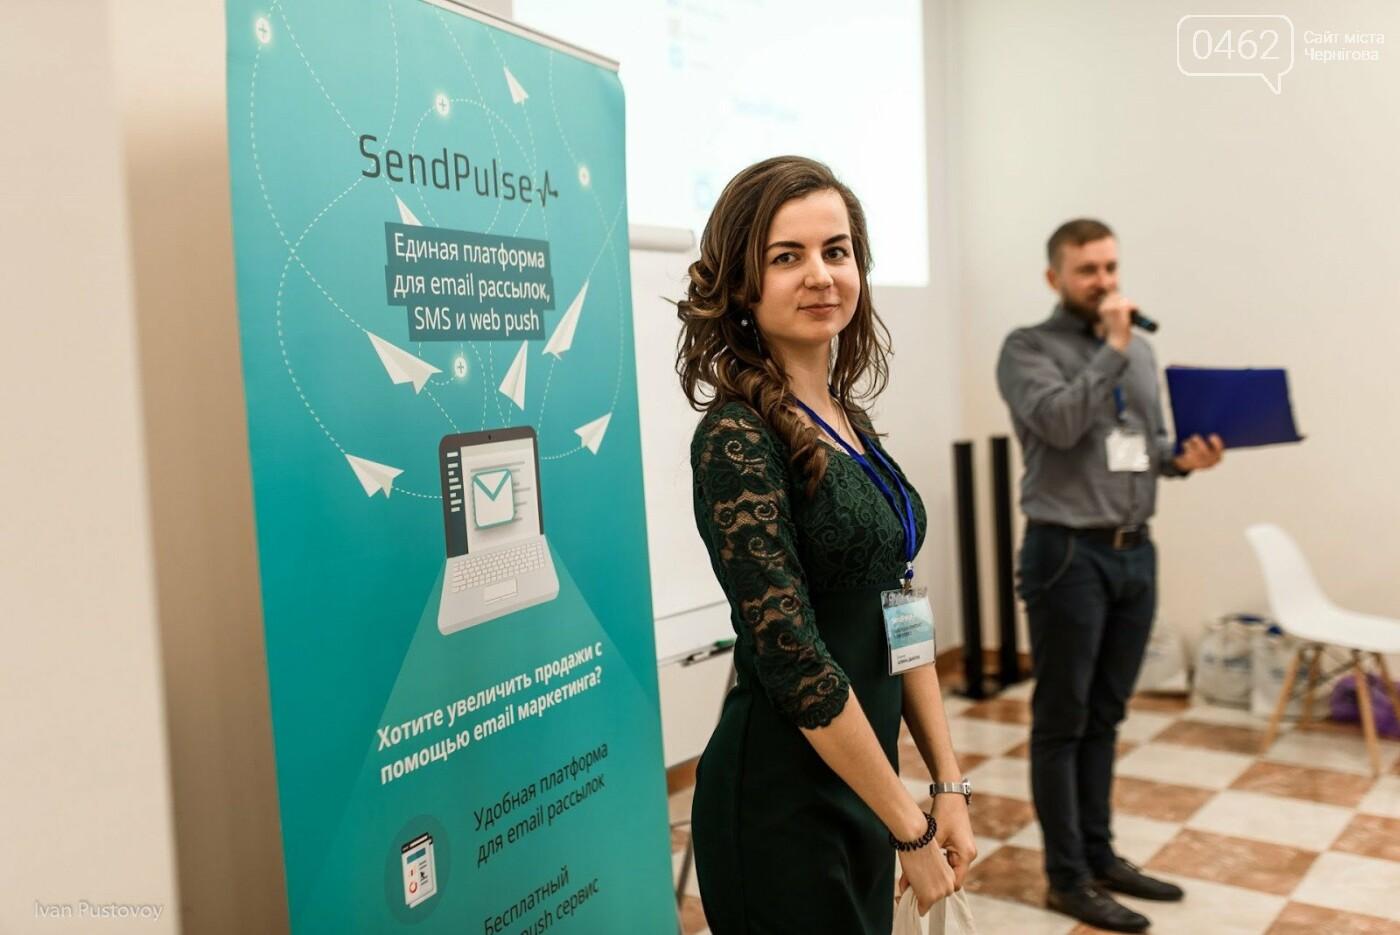 Первая конференция SendPulse по контент-маркетингу и копирайтингу — как это было?, фото-5